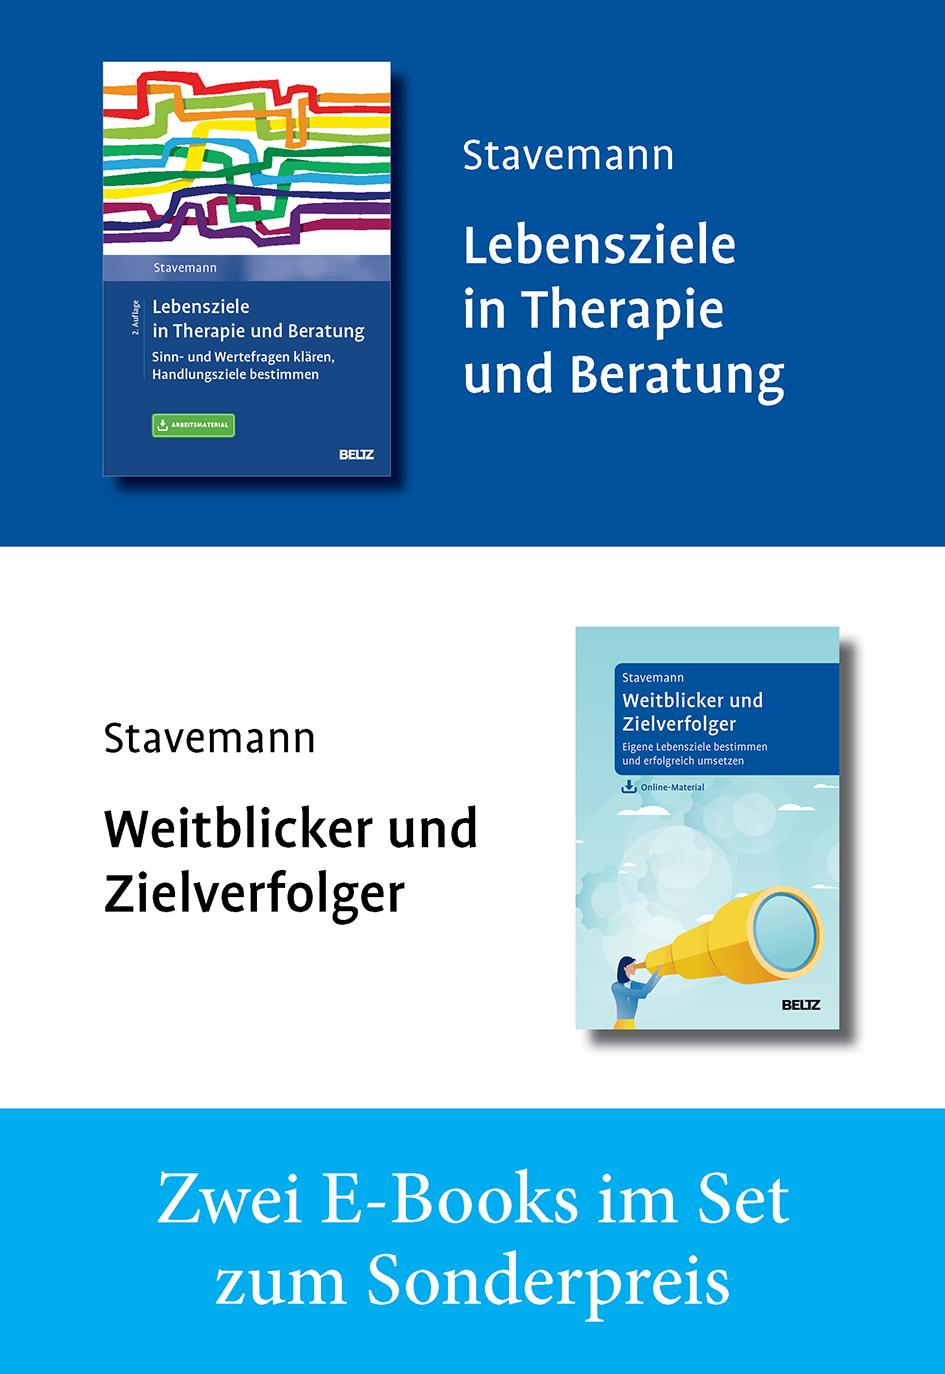 Niedlich Lebensziele Arbeitsblatt Zeitgenössisch - Arbeitsblatt ...